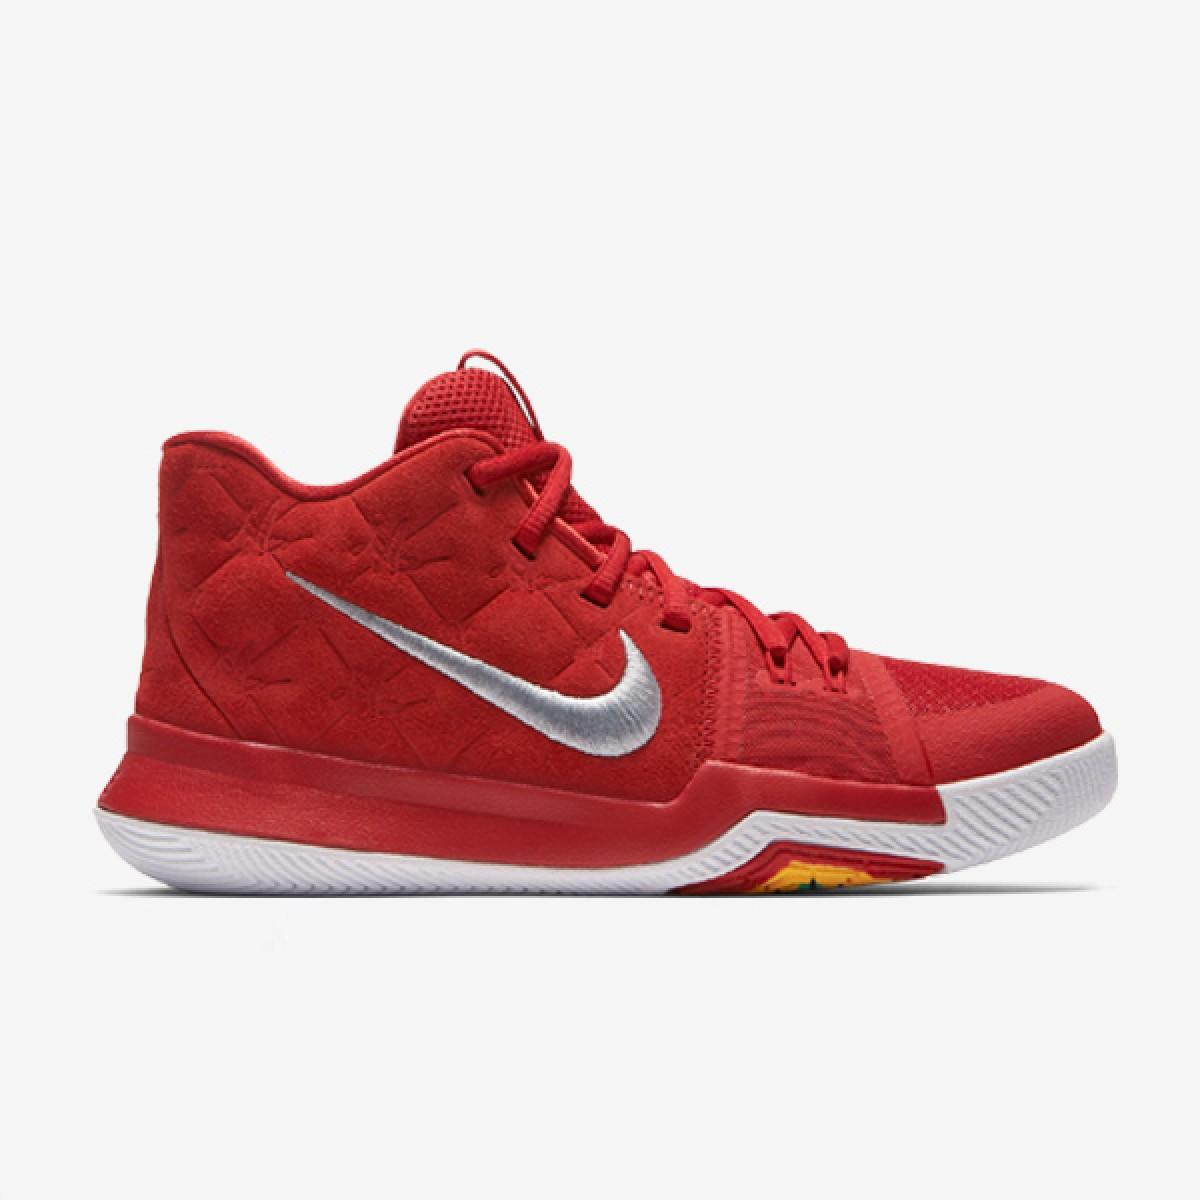 Nike Kyrie 3 GS 'Inferno'